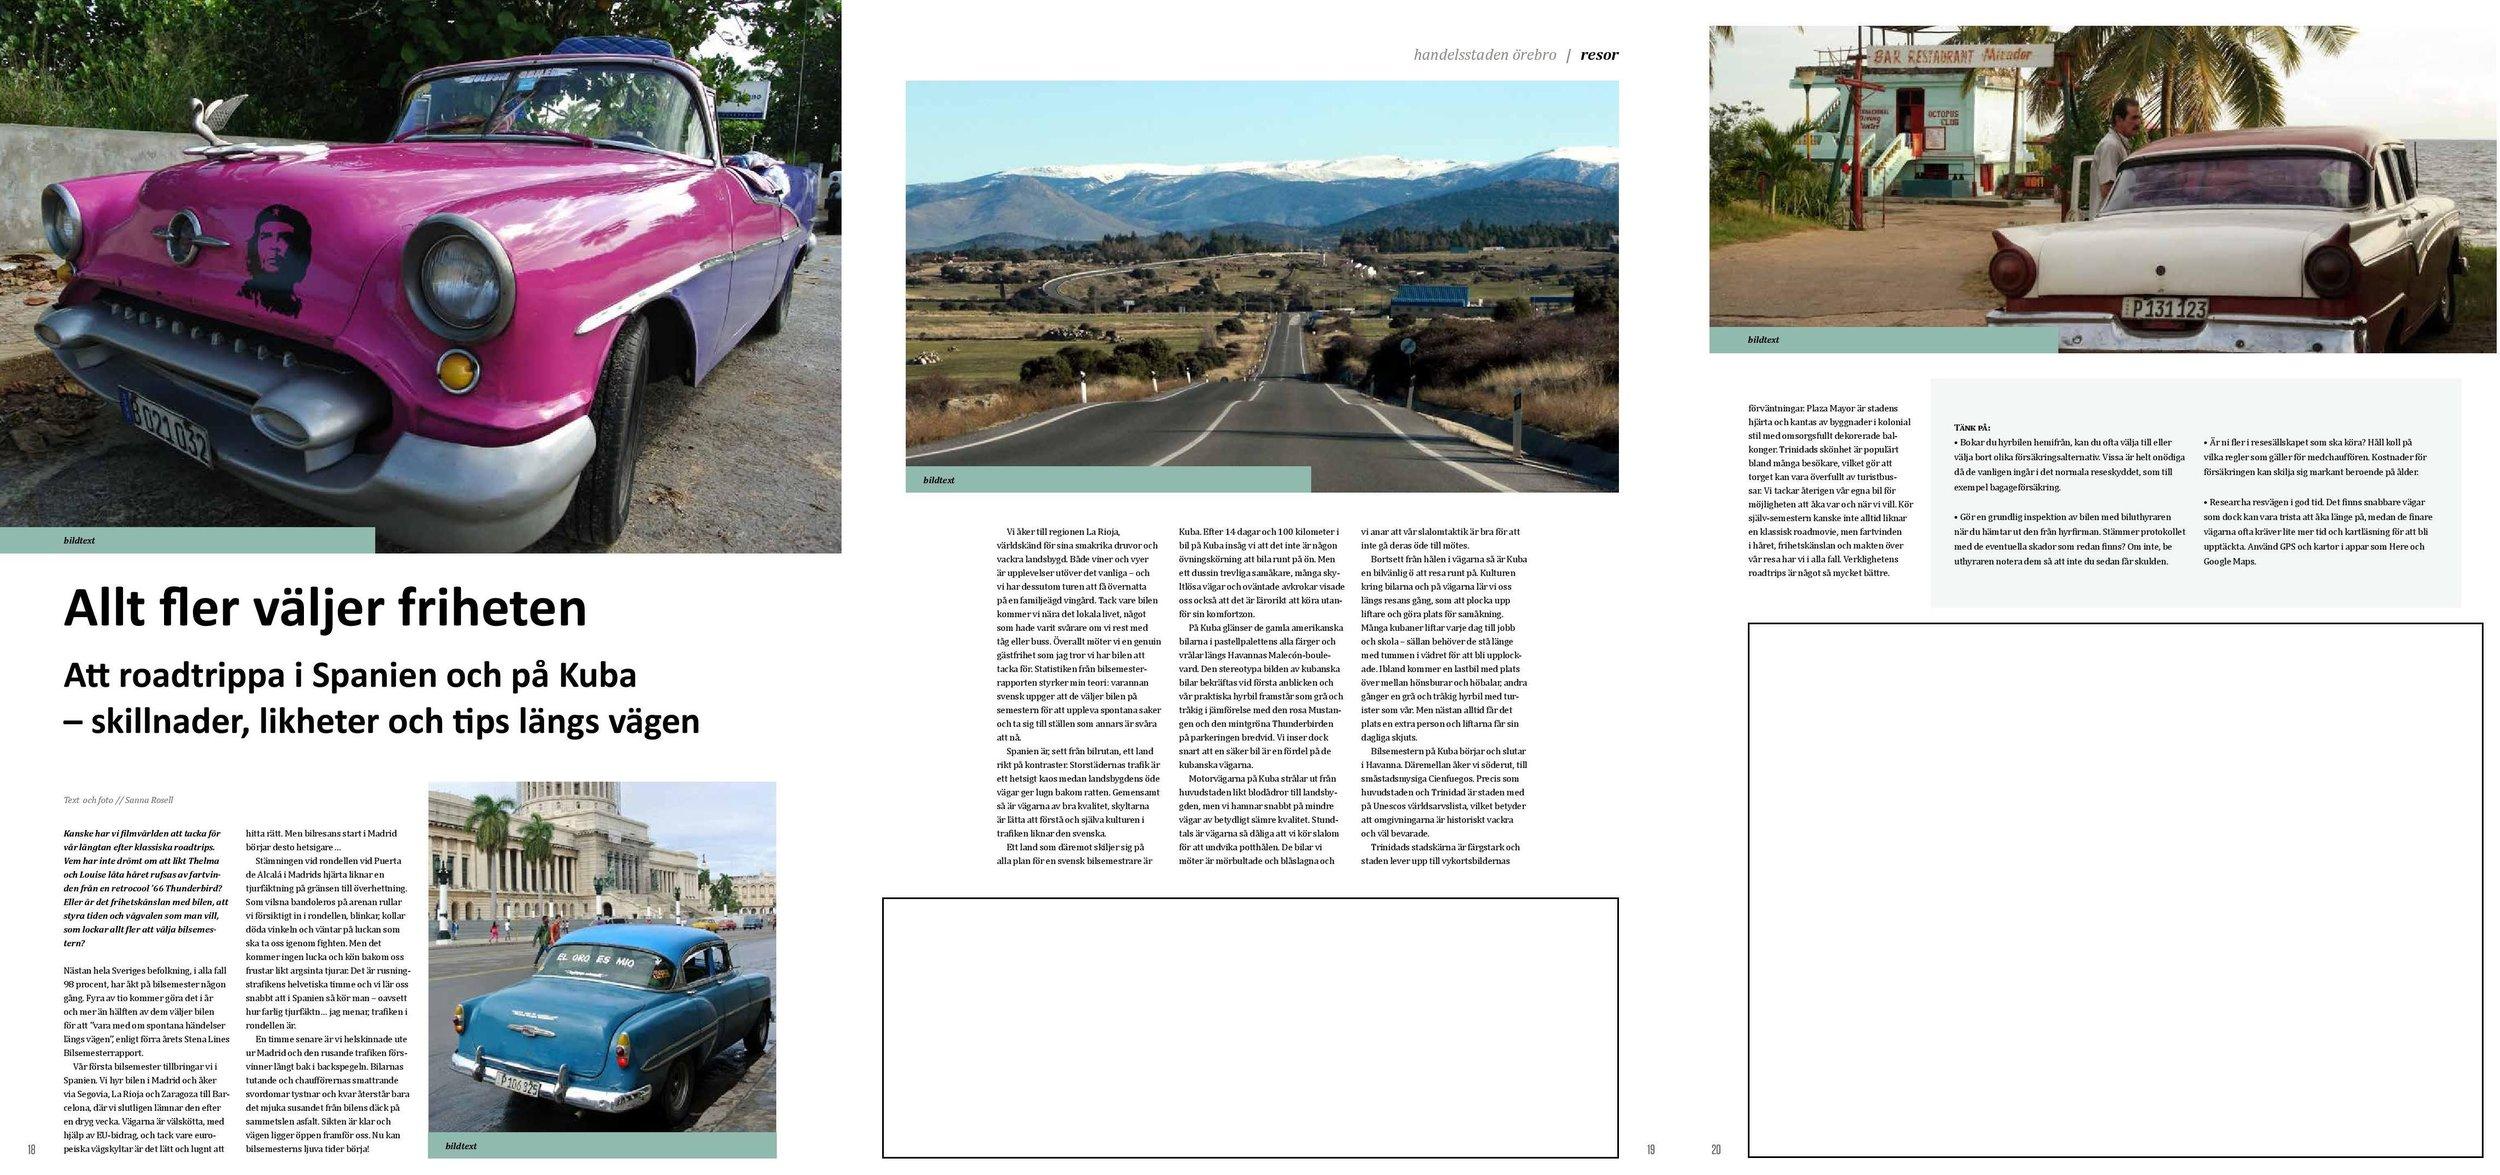 Resereportage om olika roadtrips - med tips och anekdoter på vägen.